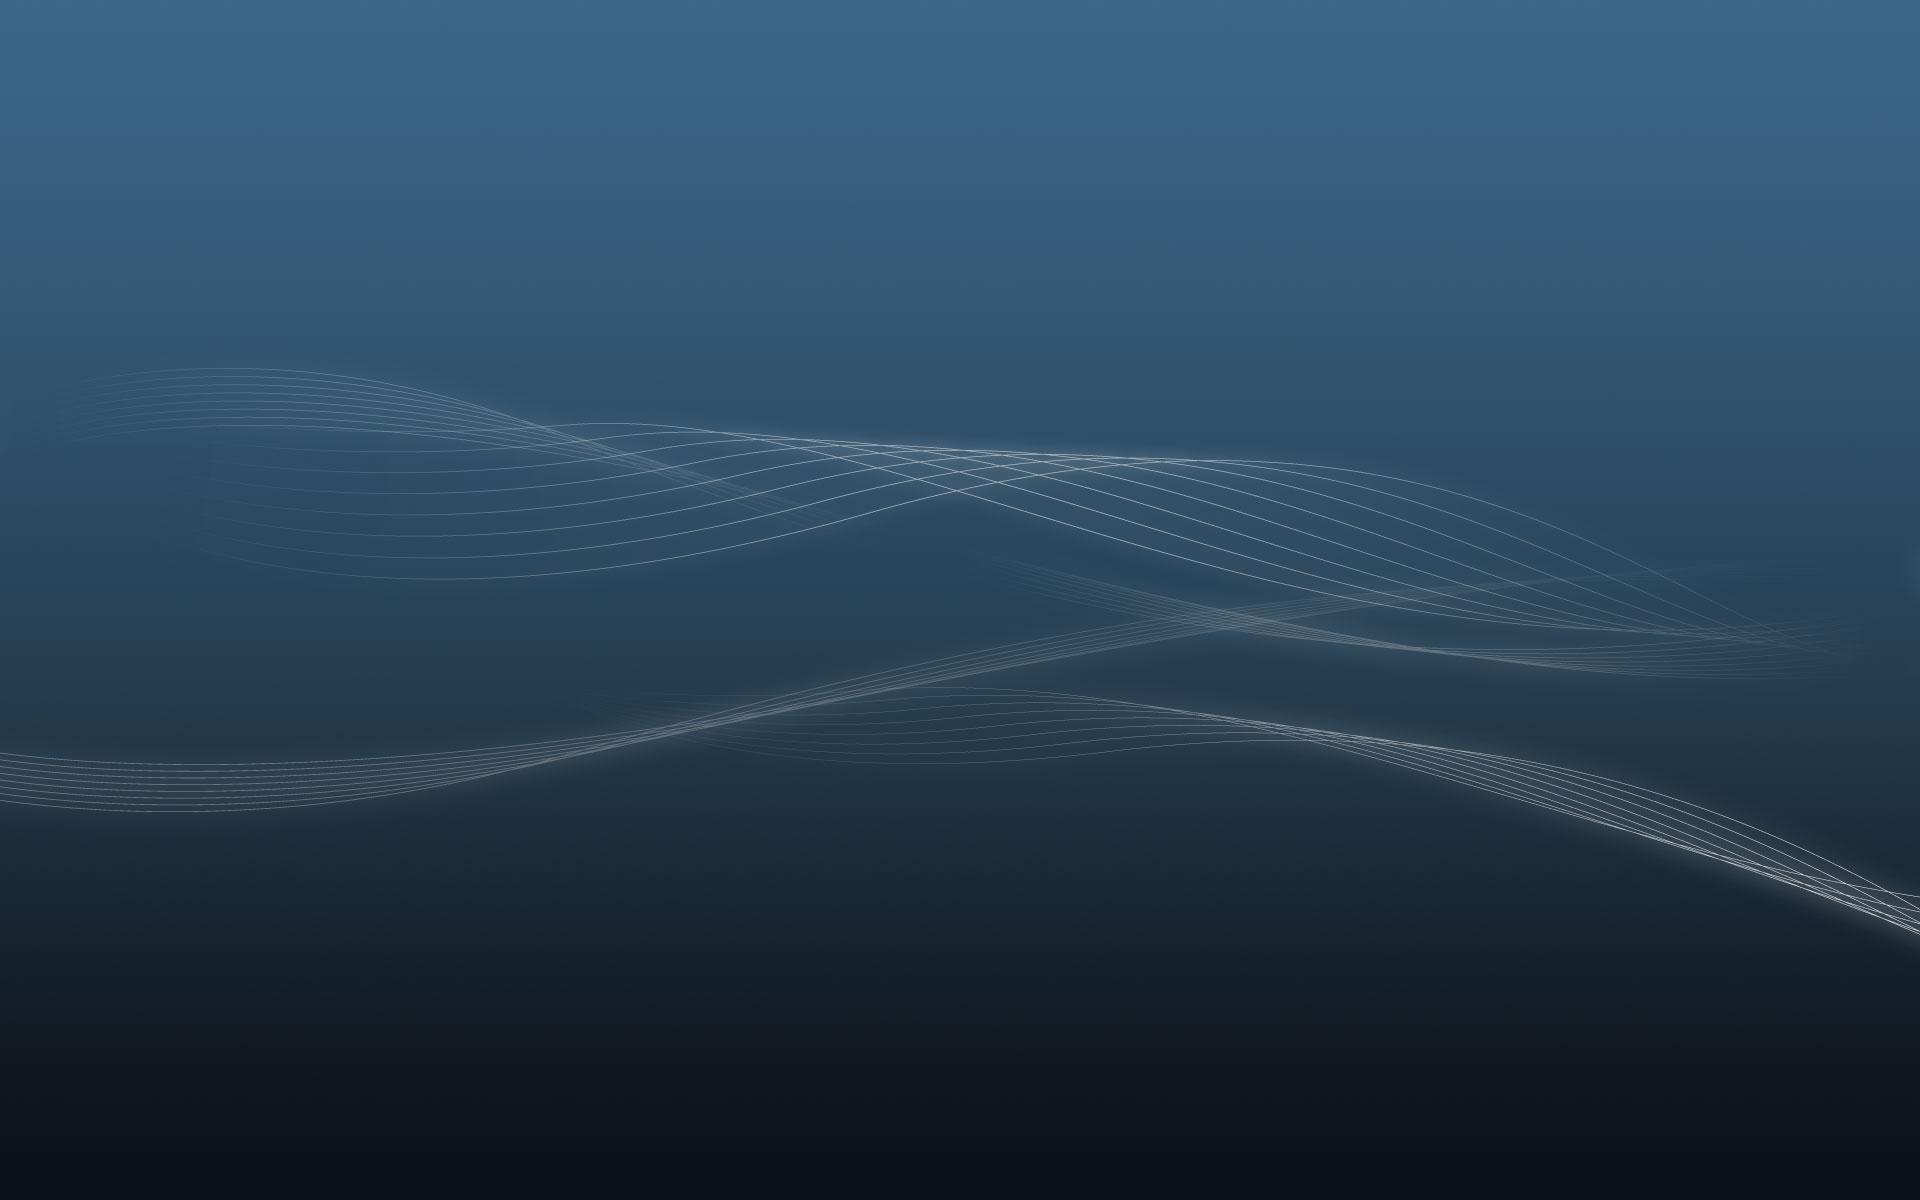 Microsoft Windows Desktop Wallpaper - WallpaperSafari